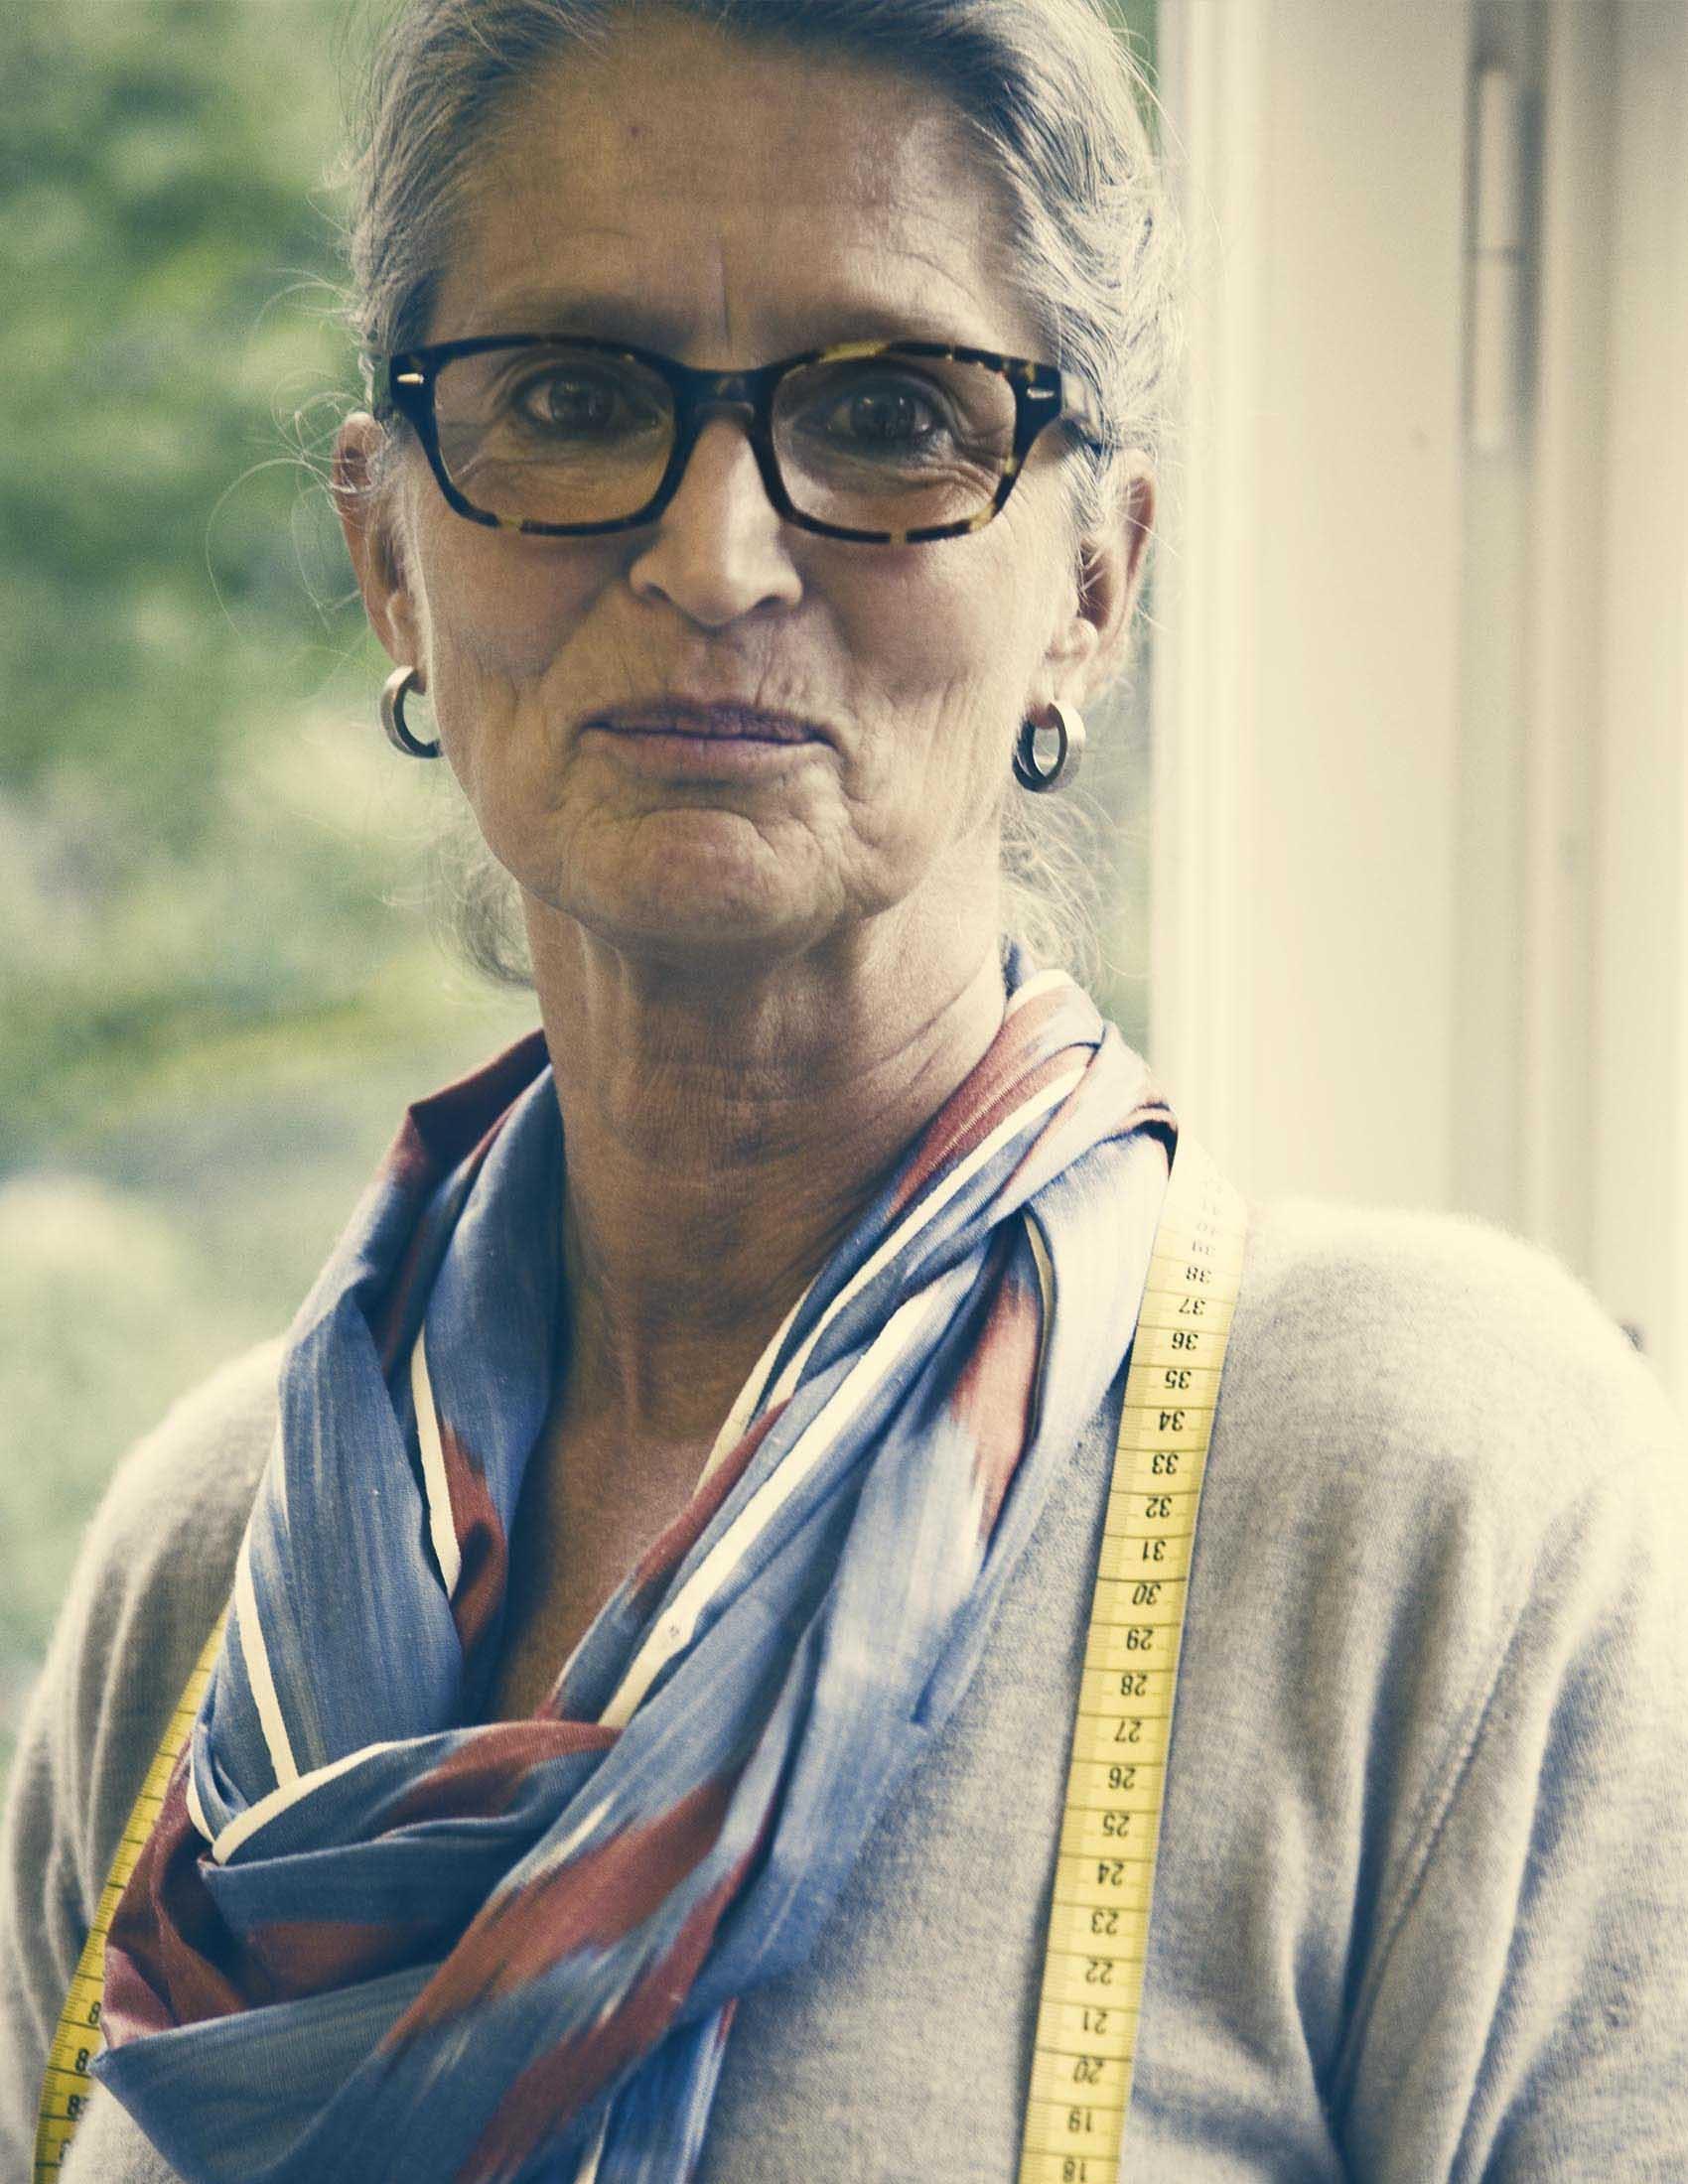 Portrait de notre designer textile Lisen Elmberg avec un mètre ruban autour du cou | BABYBJÖRN